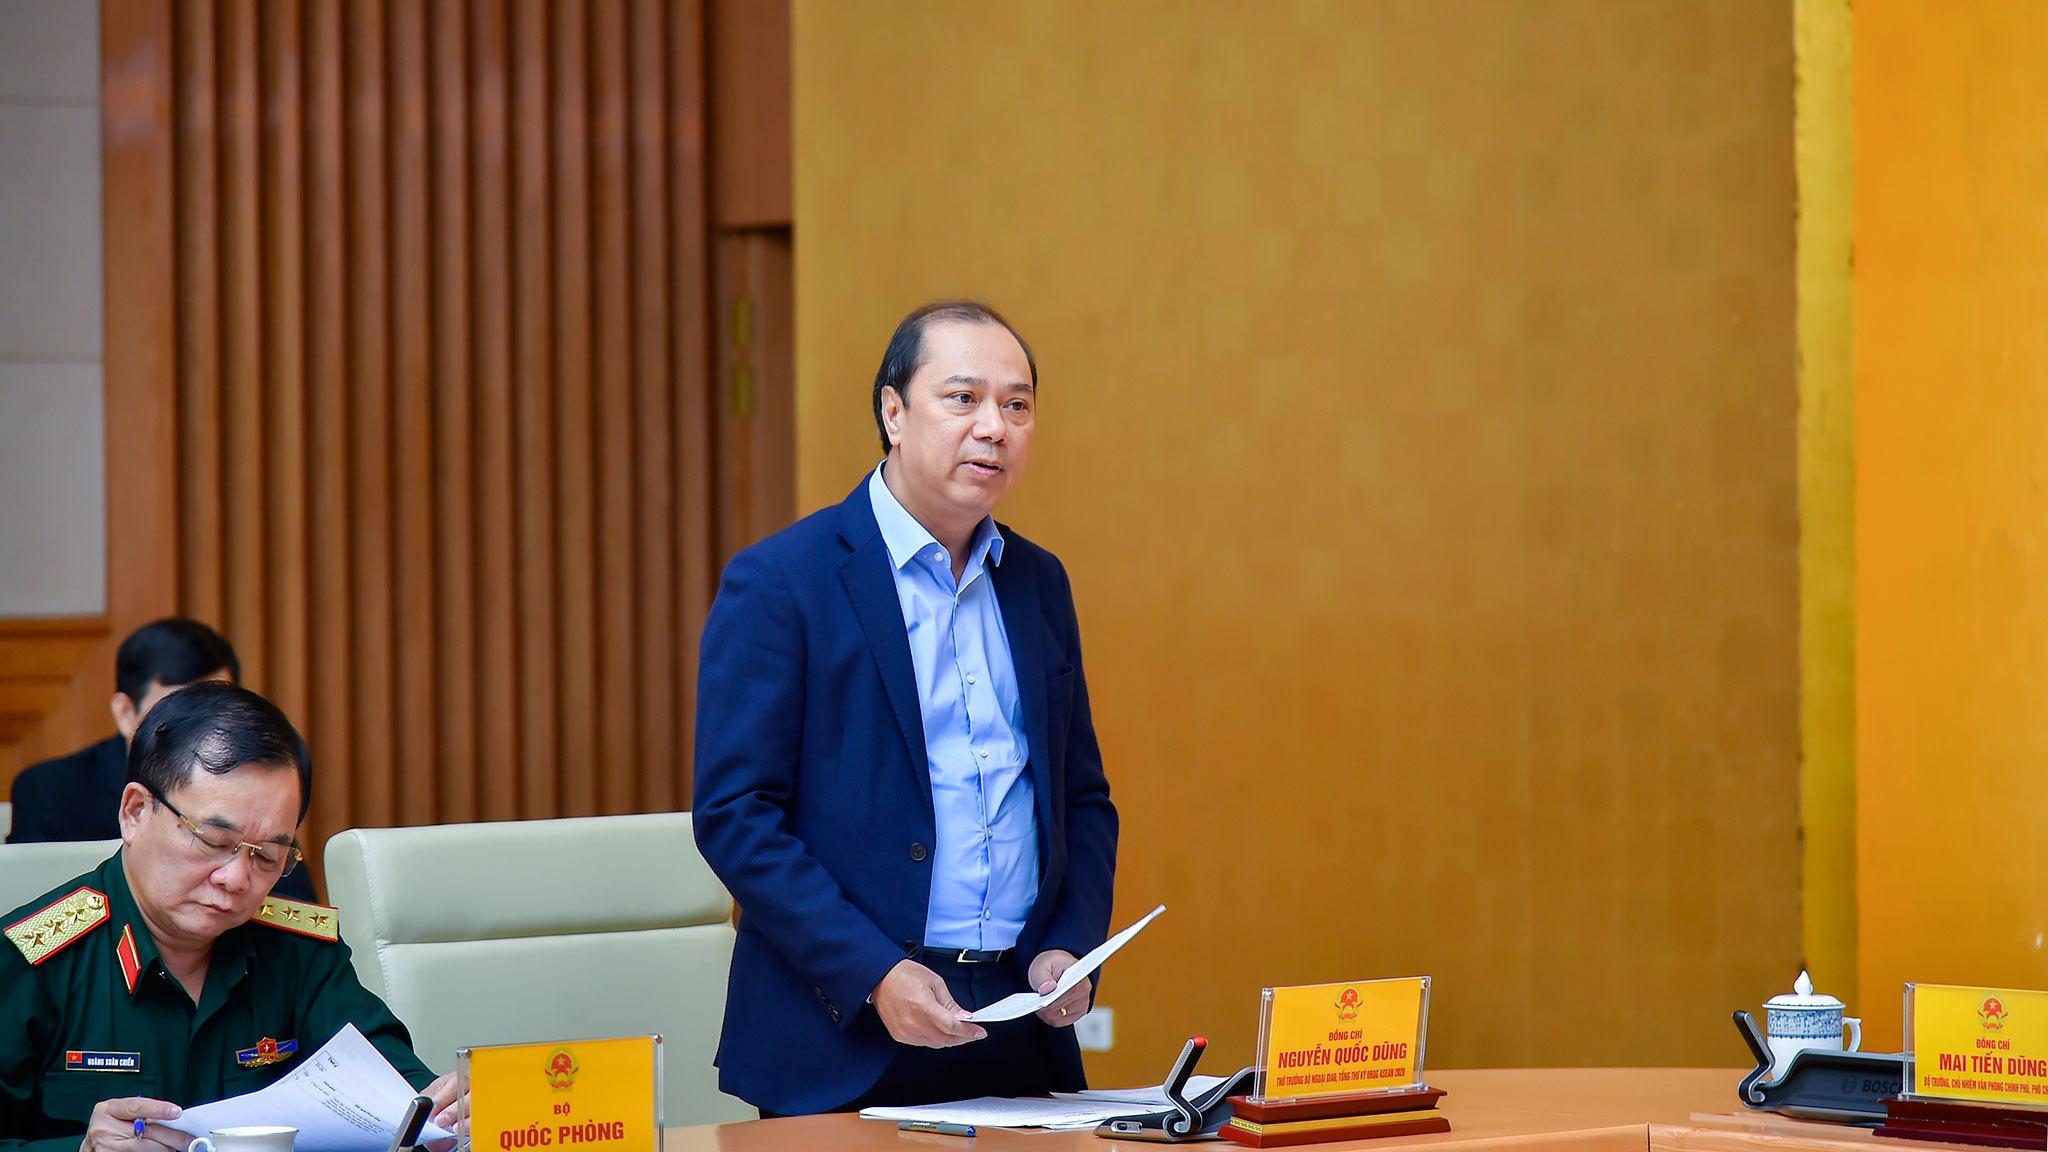 Rà soát công tác chuẩn bị hội nghị cấp cao ASEAN 37 tại Việt Nam